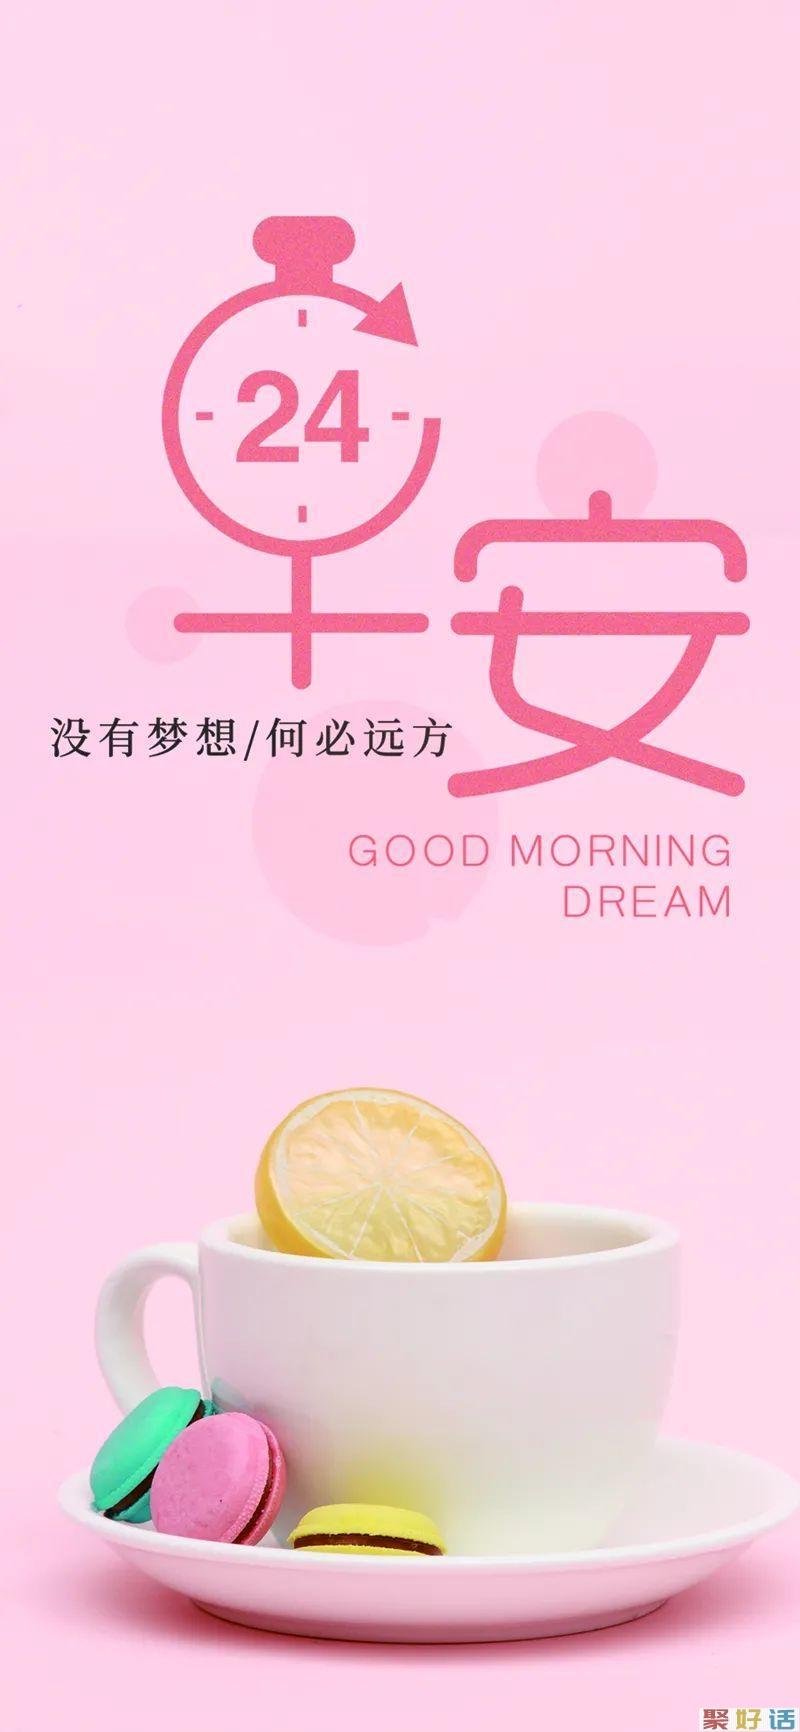 清晨正能量暖心的励志句子,简单干净,激励你奋斗插图2